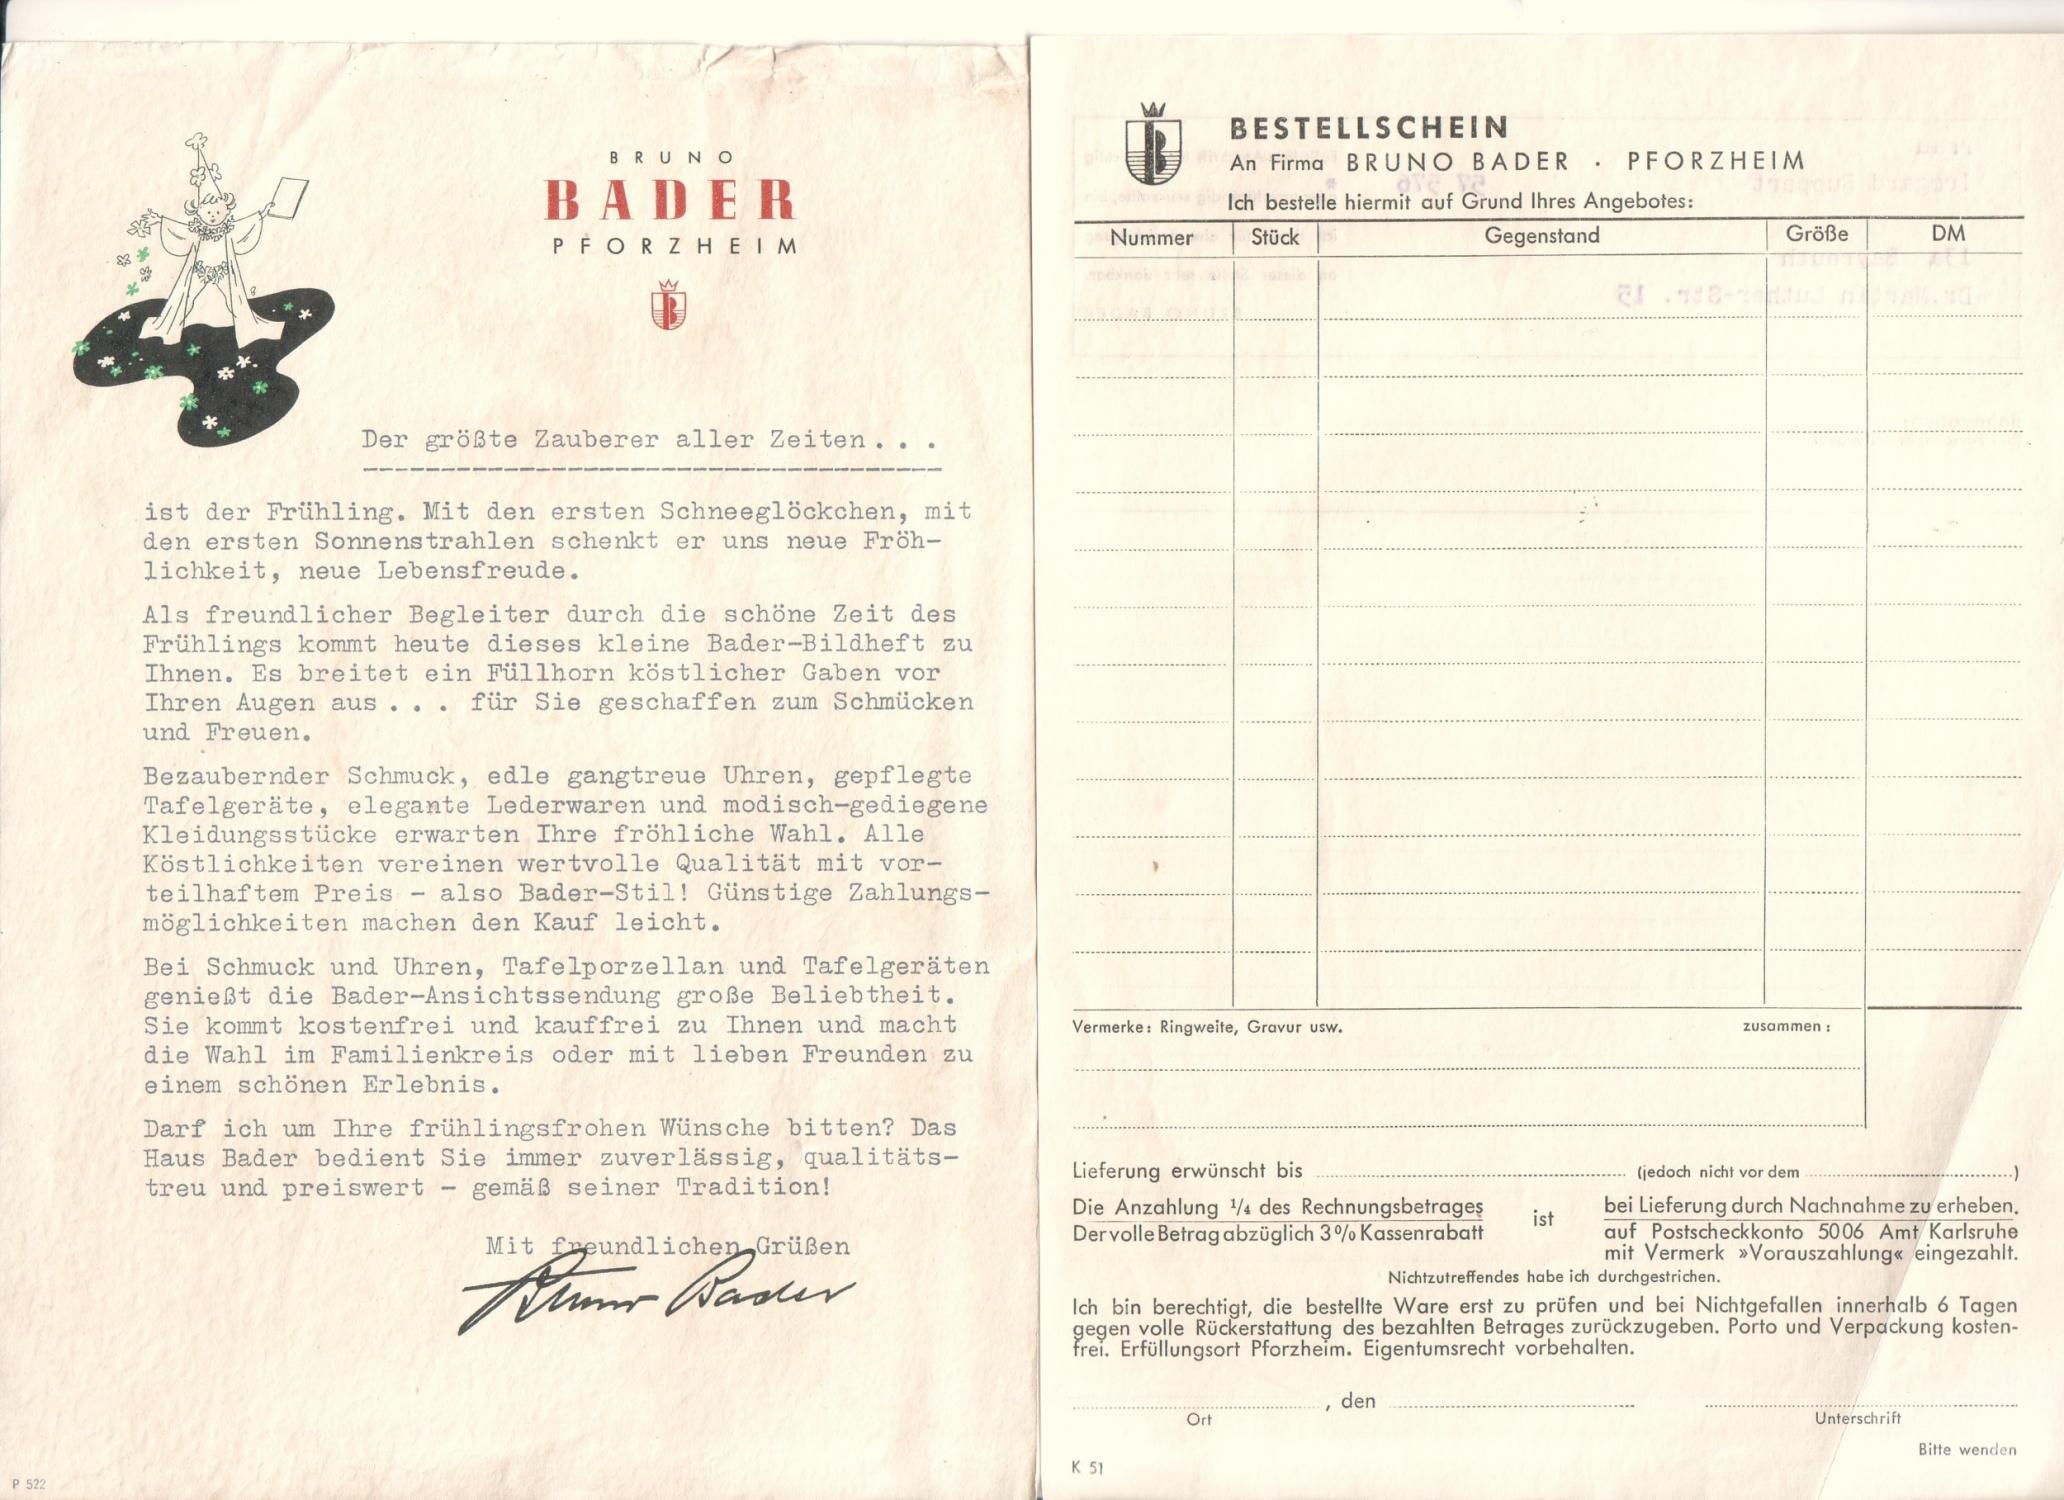 135f34e5ca Konvolut der Firma Bruno Bader aus Pforzheim.: Bruno Bader Pforzheim